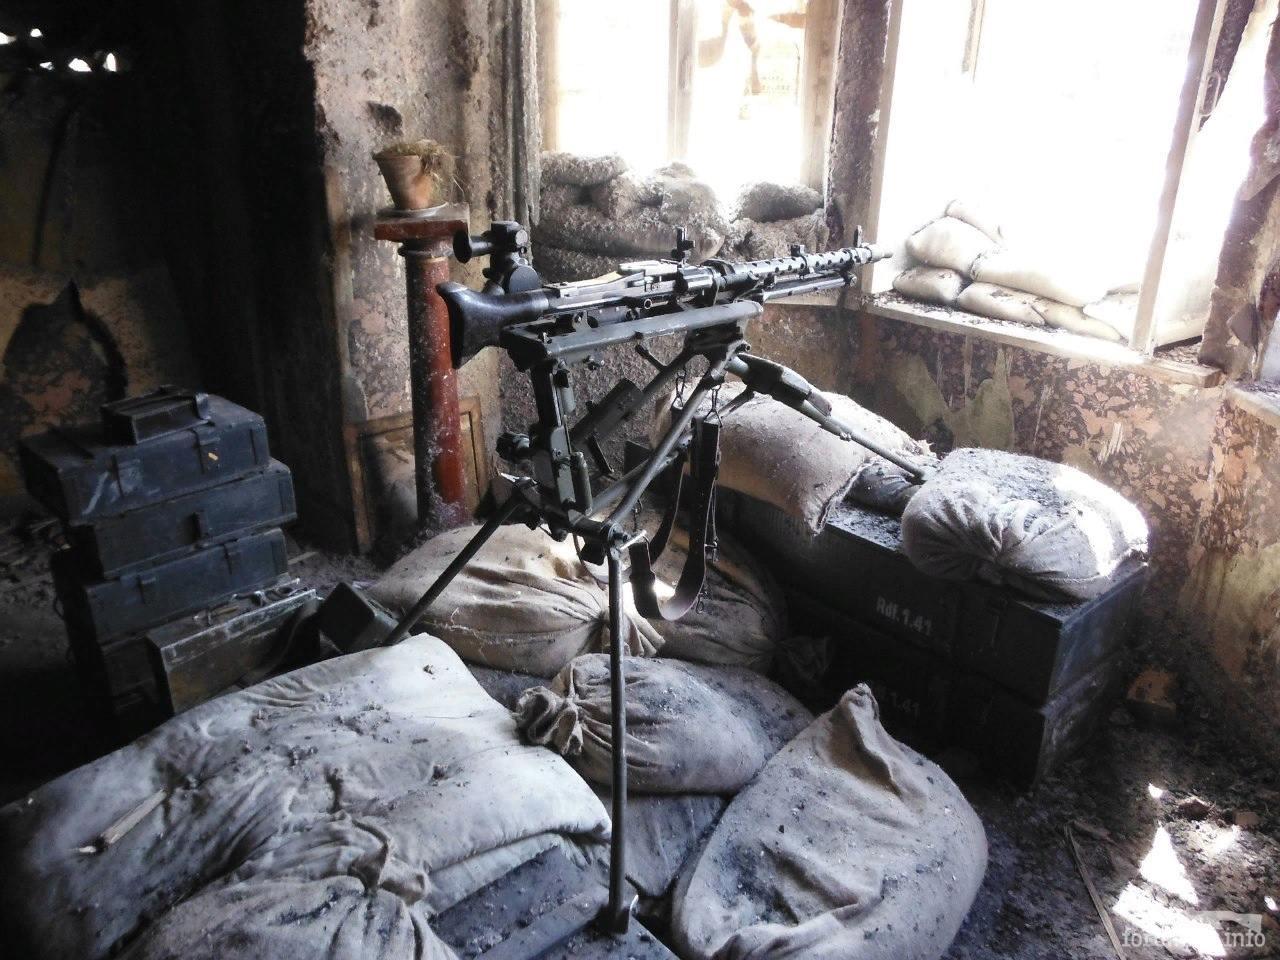 119211 - Все о пулемете MG-34 - история, модификации, клейма и т.д.